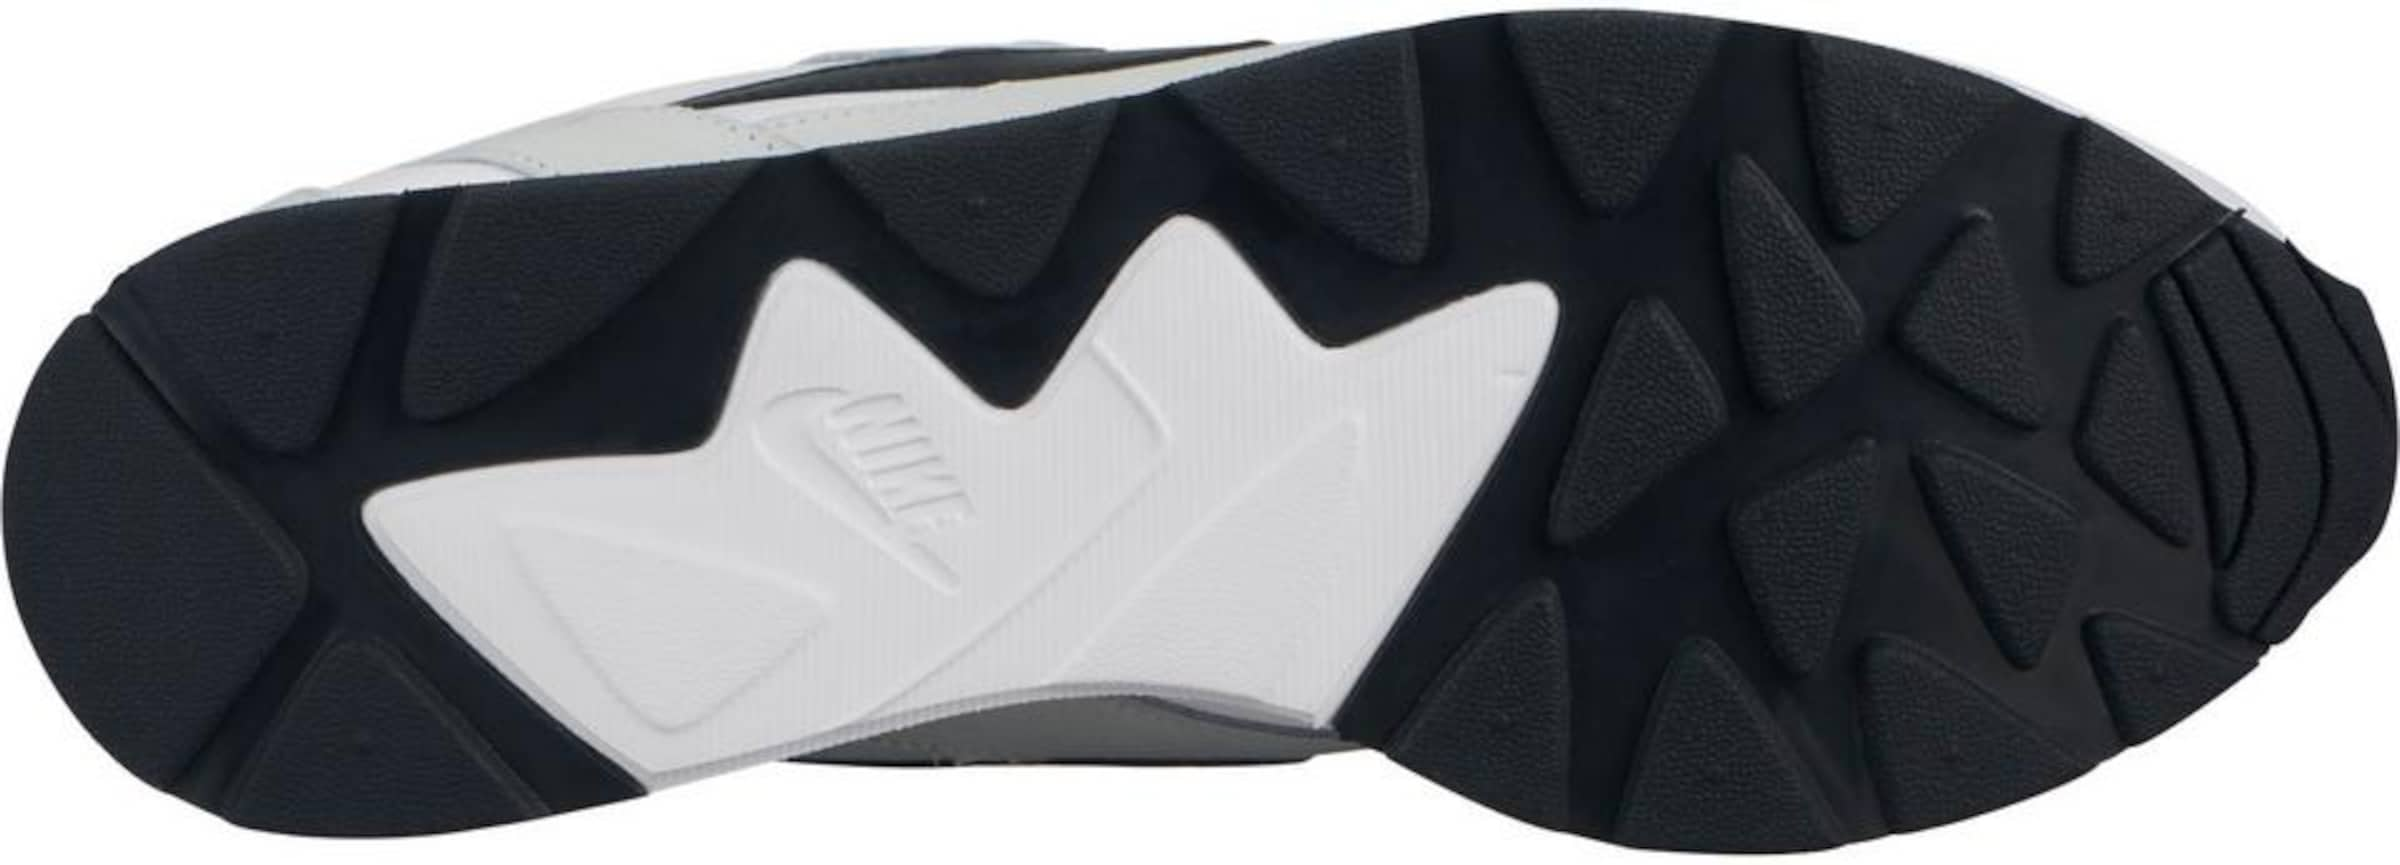 Nike 'delfine' Sportswear GrauSchwarz Sneaker In Weiß qSUMzVp